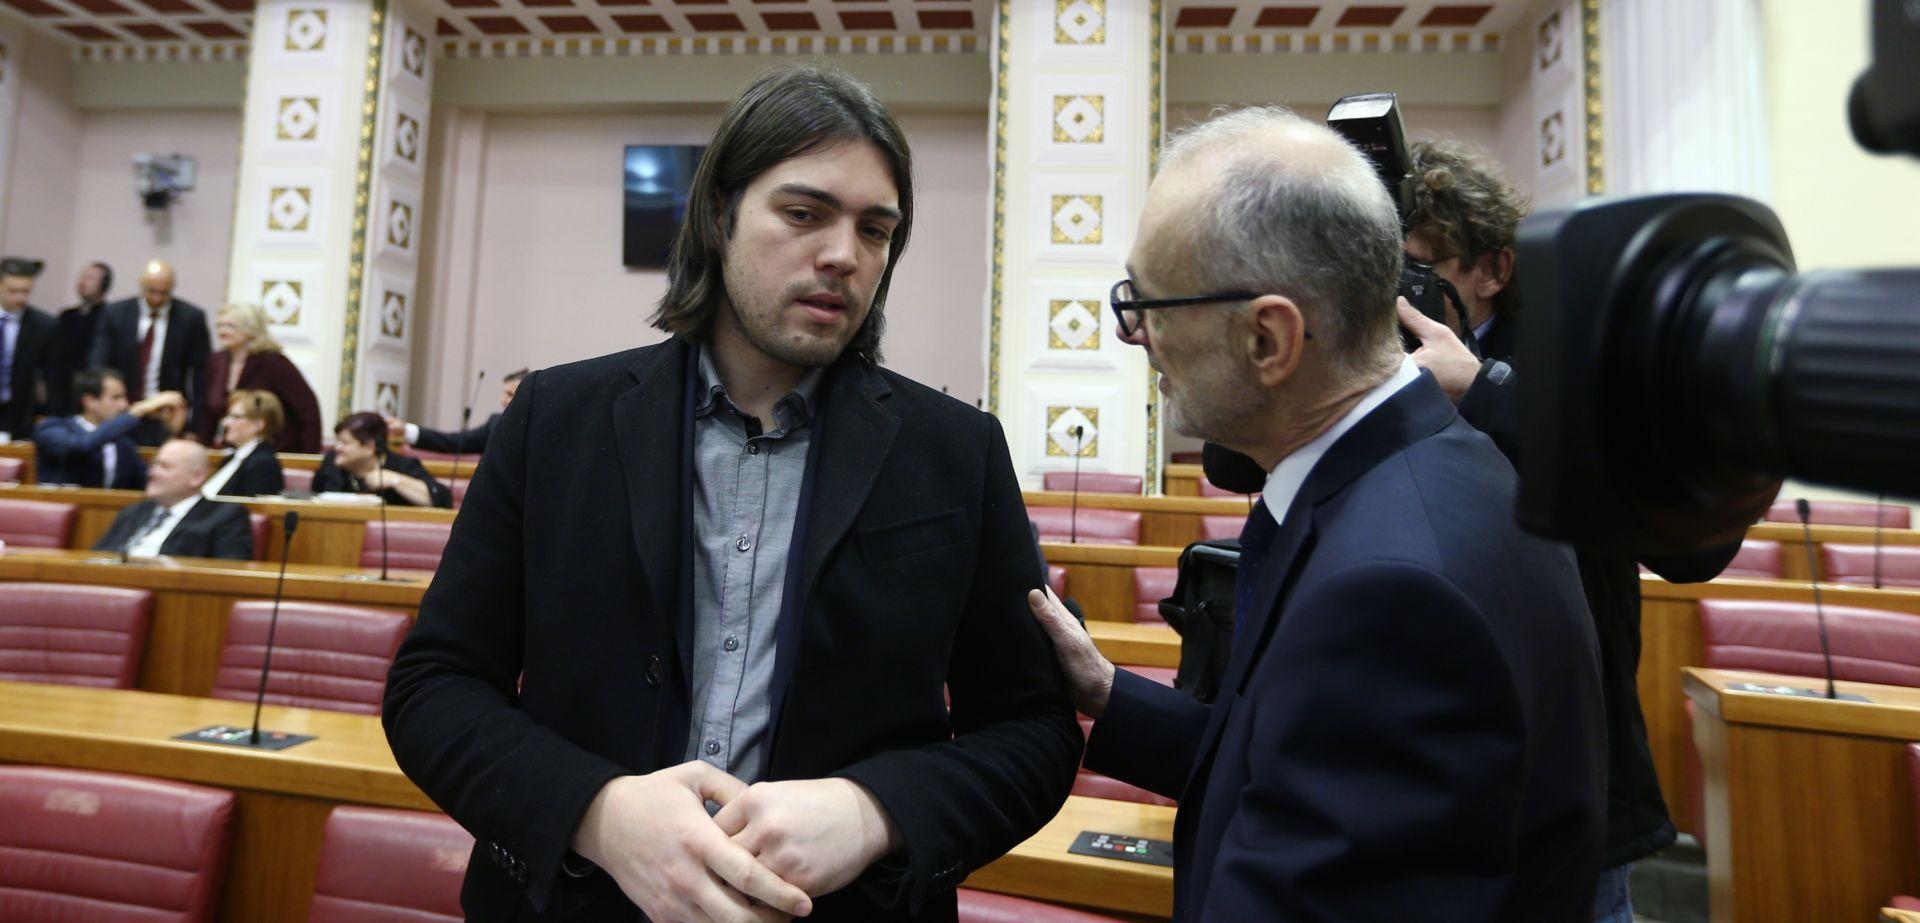 """Sinčić ponovno 'udario' po MOST-u, Bulju poručio """"Od prvog do zadnjeg, svi ste isti"""""""